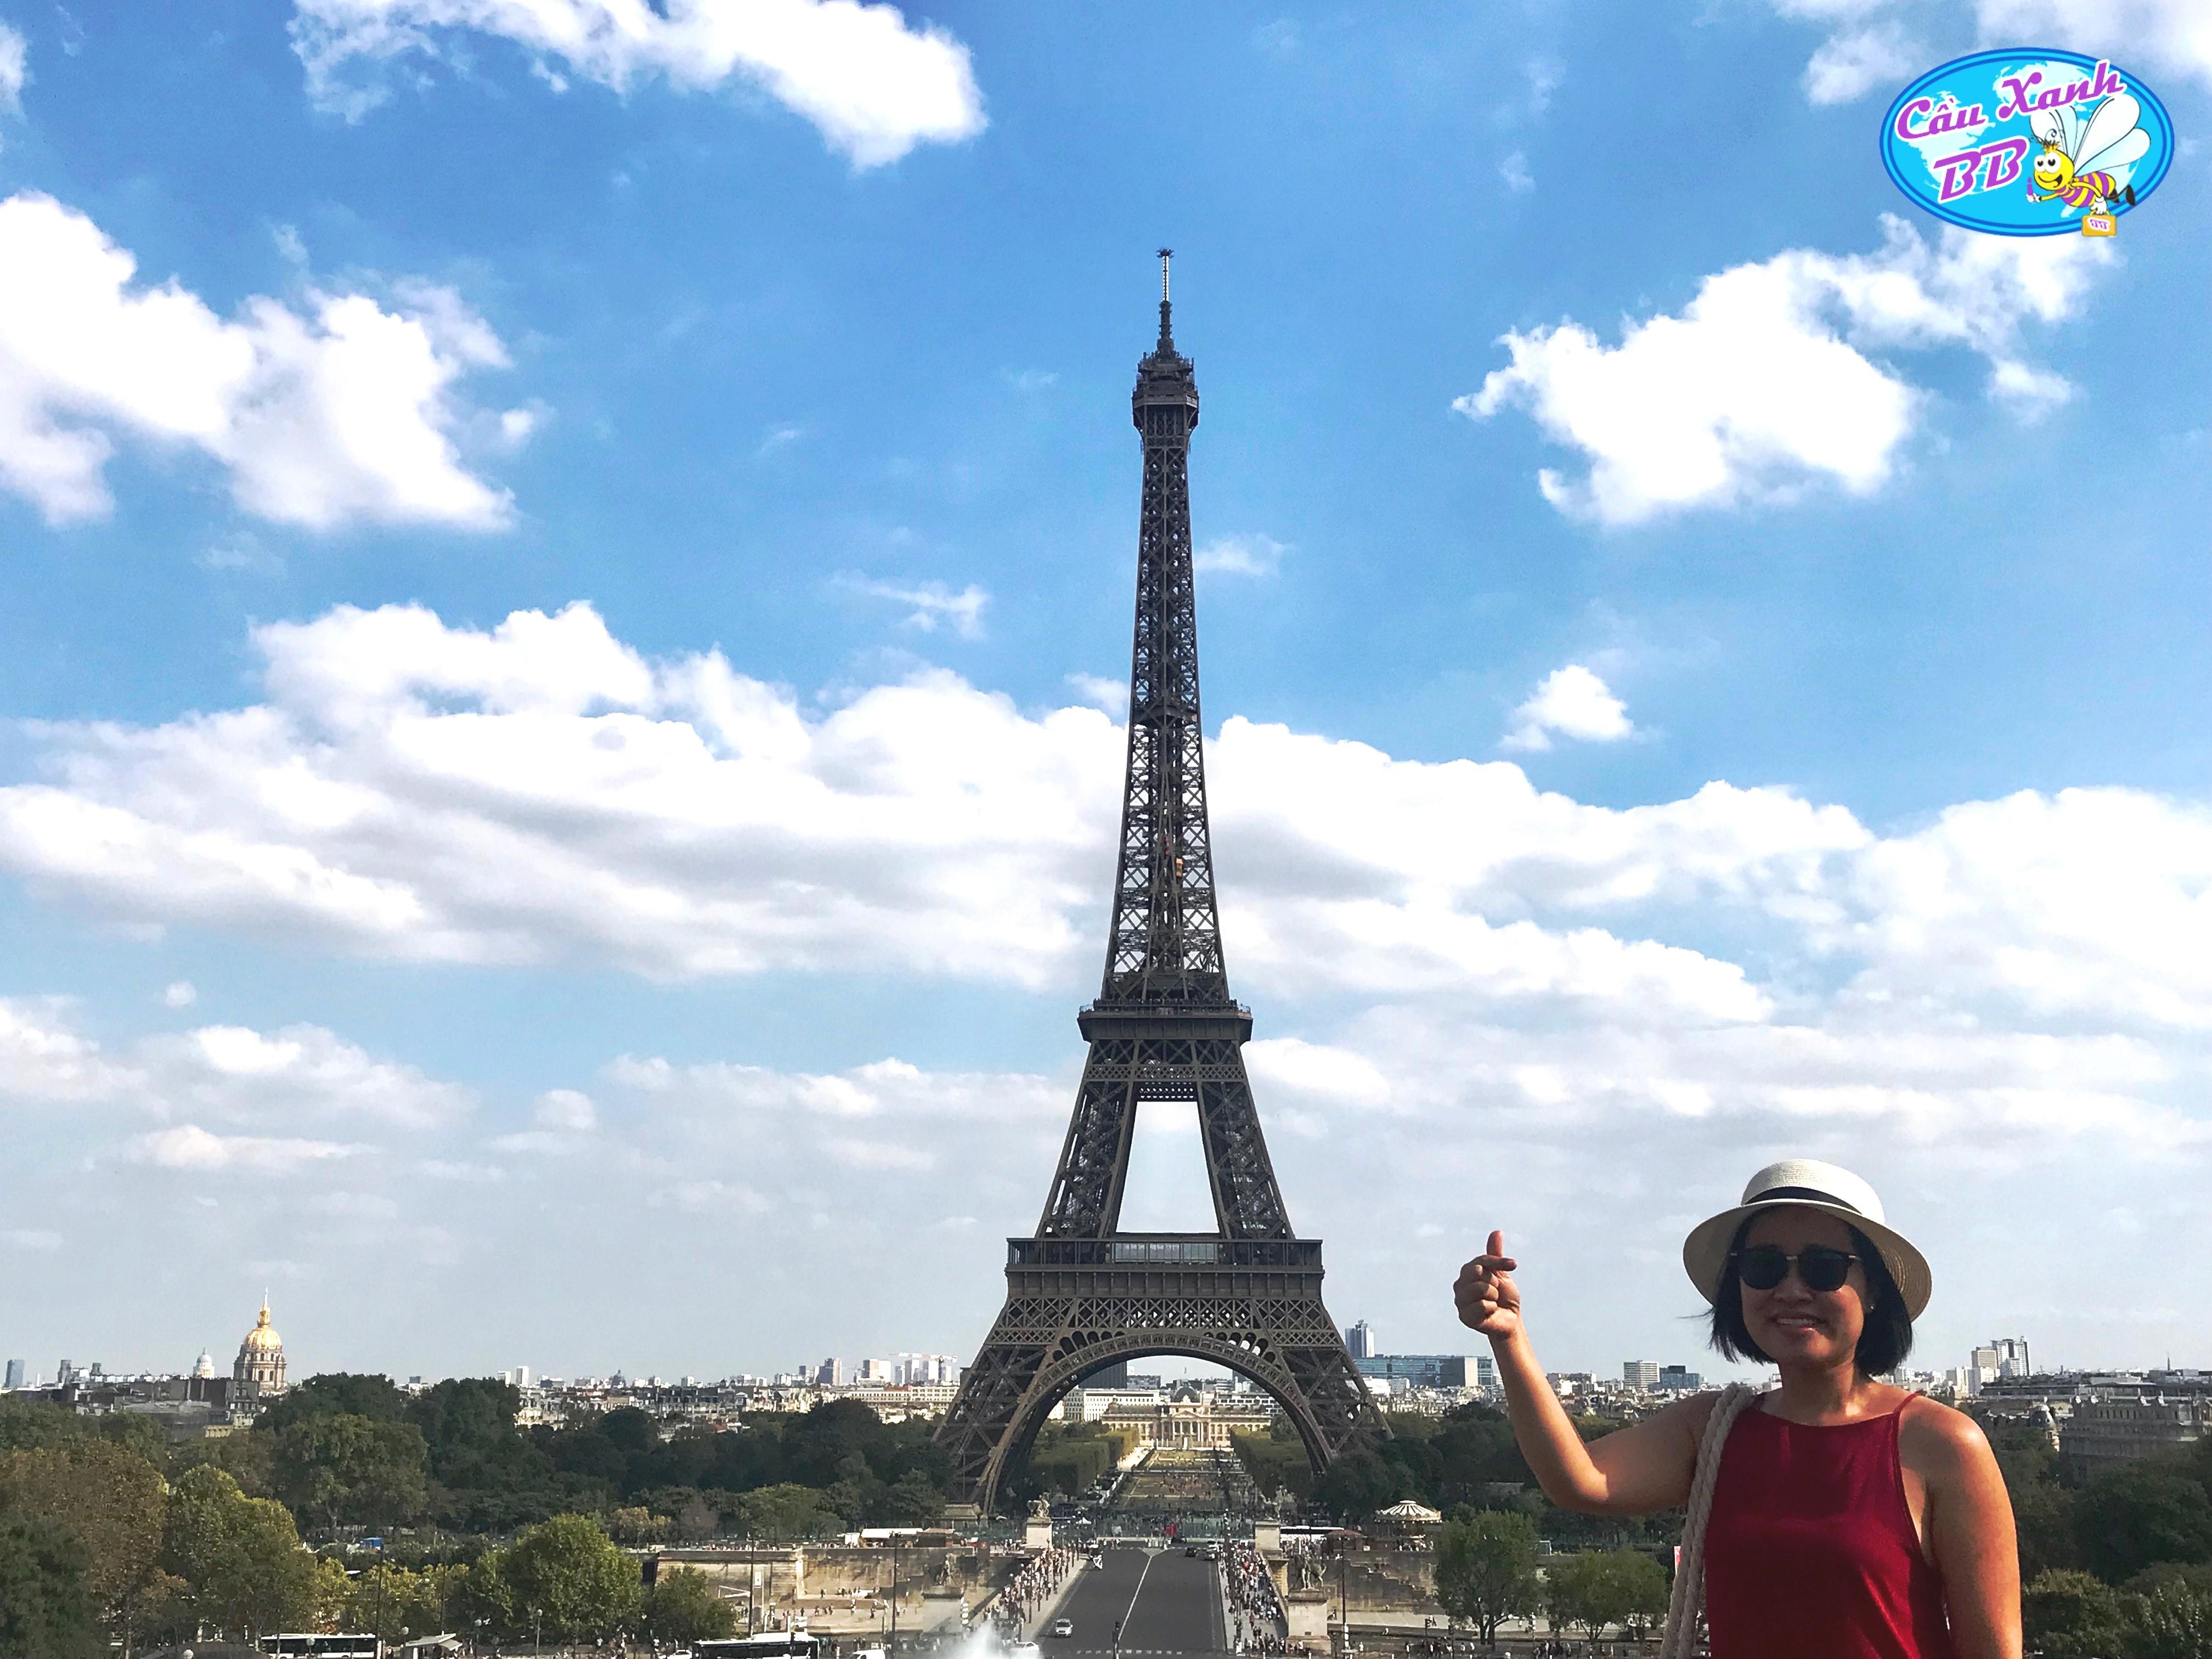 Thủ tục thẻ bảo hiểm, thẻ ngân hàng và tài khoản khi du học Pháp